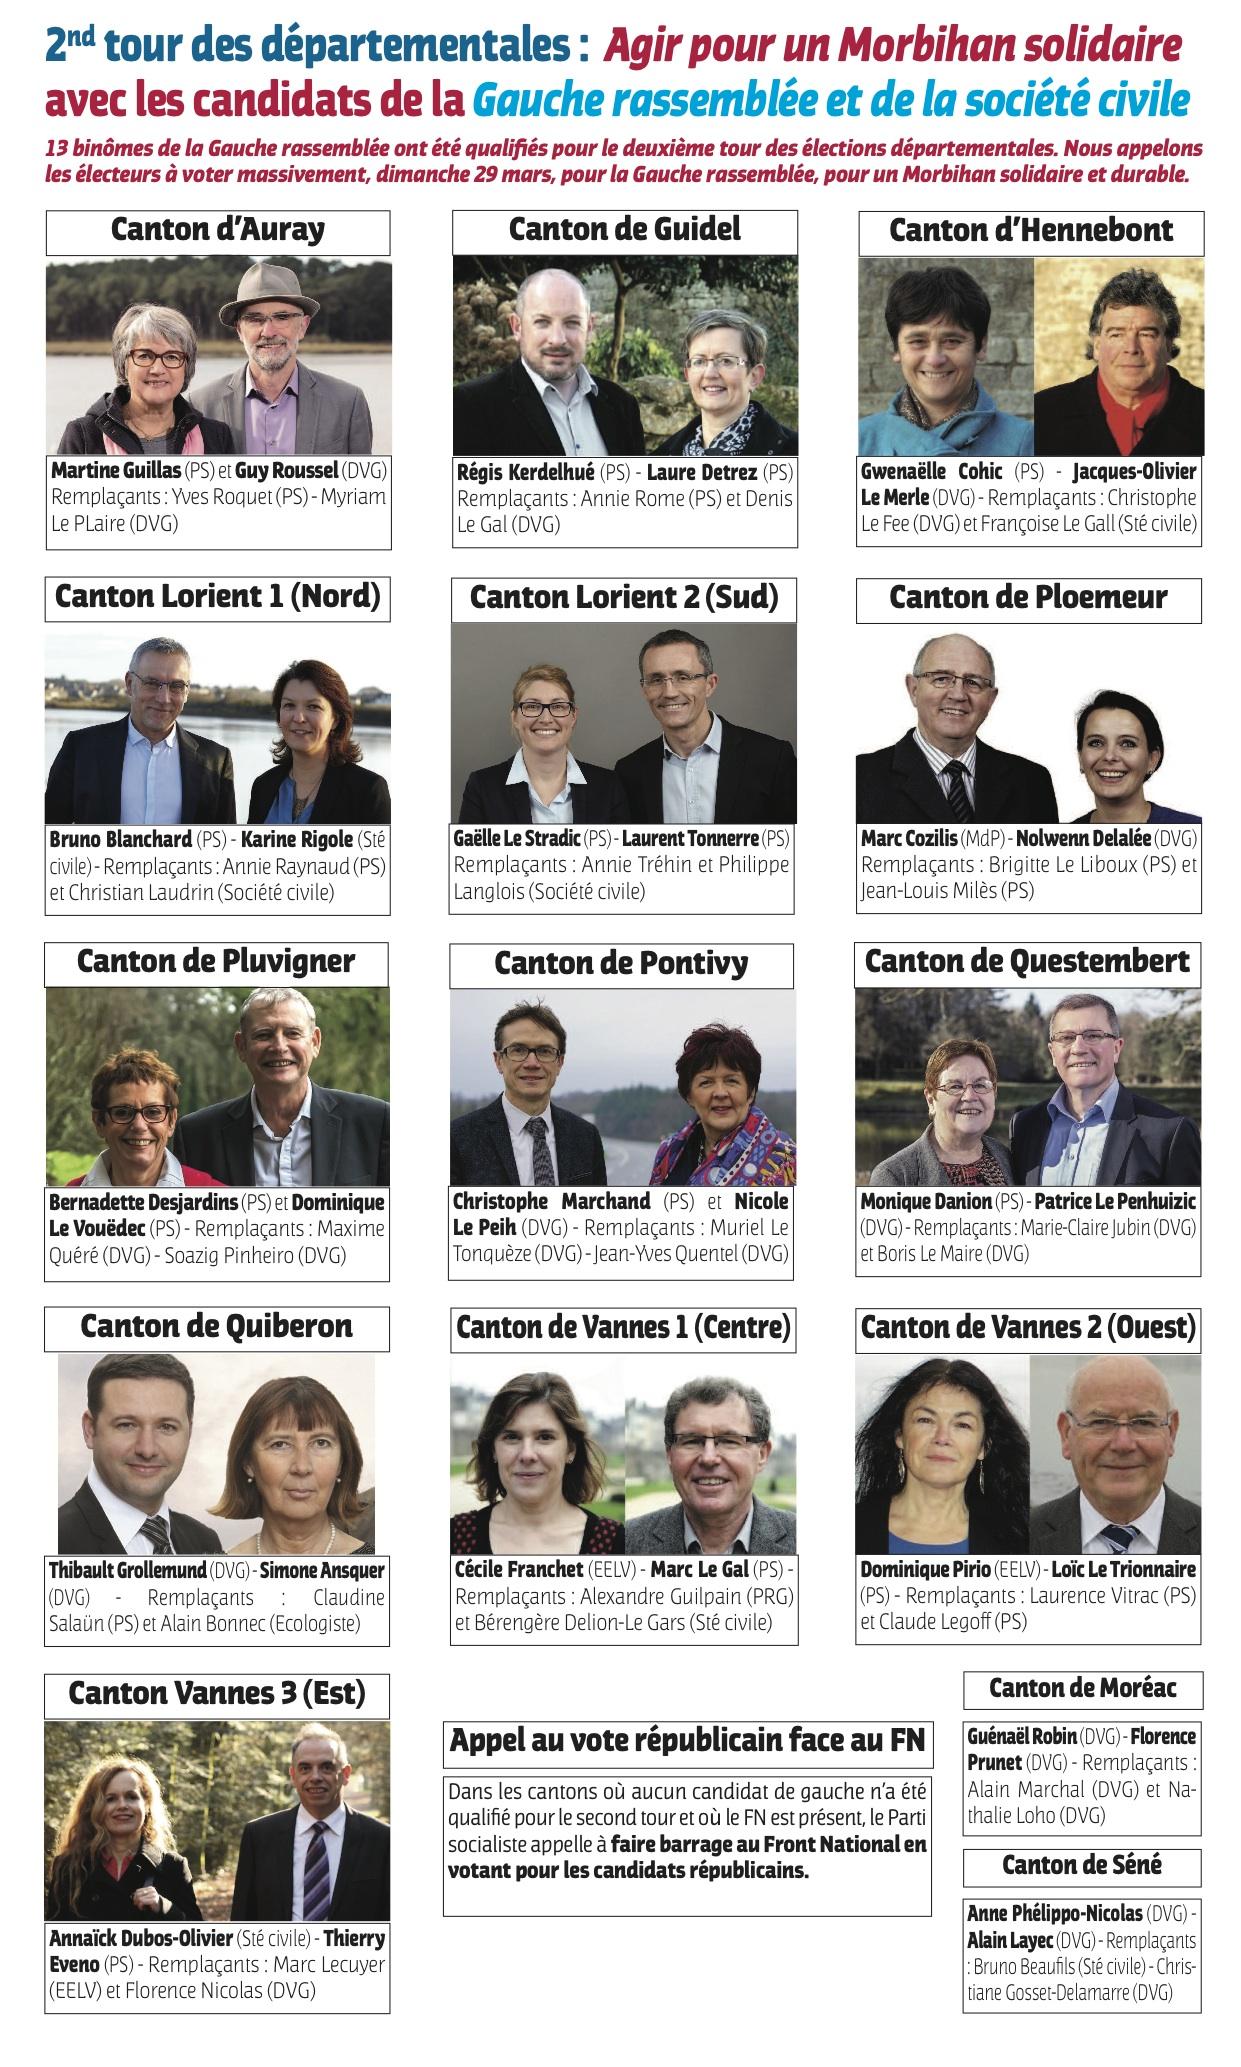 Candidats Gauche rassemblée-2nd tour